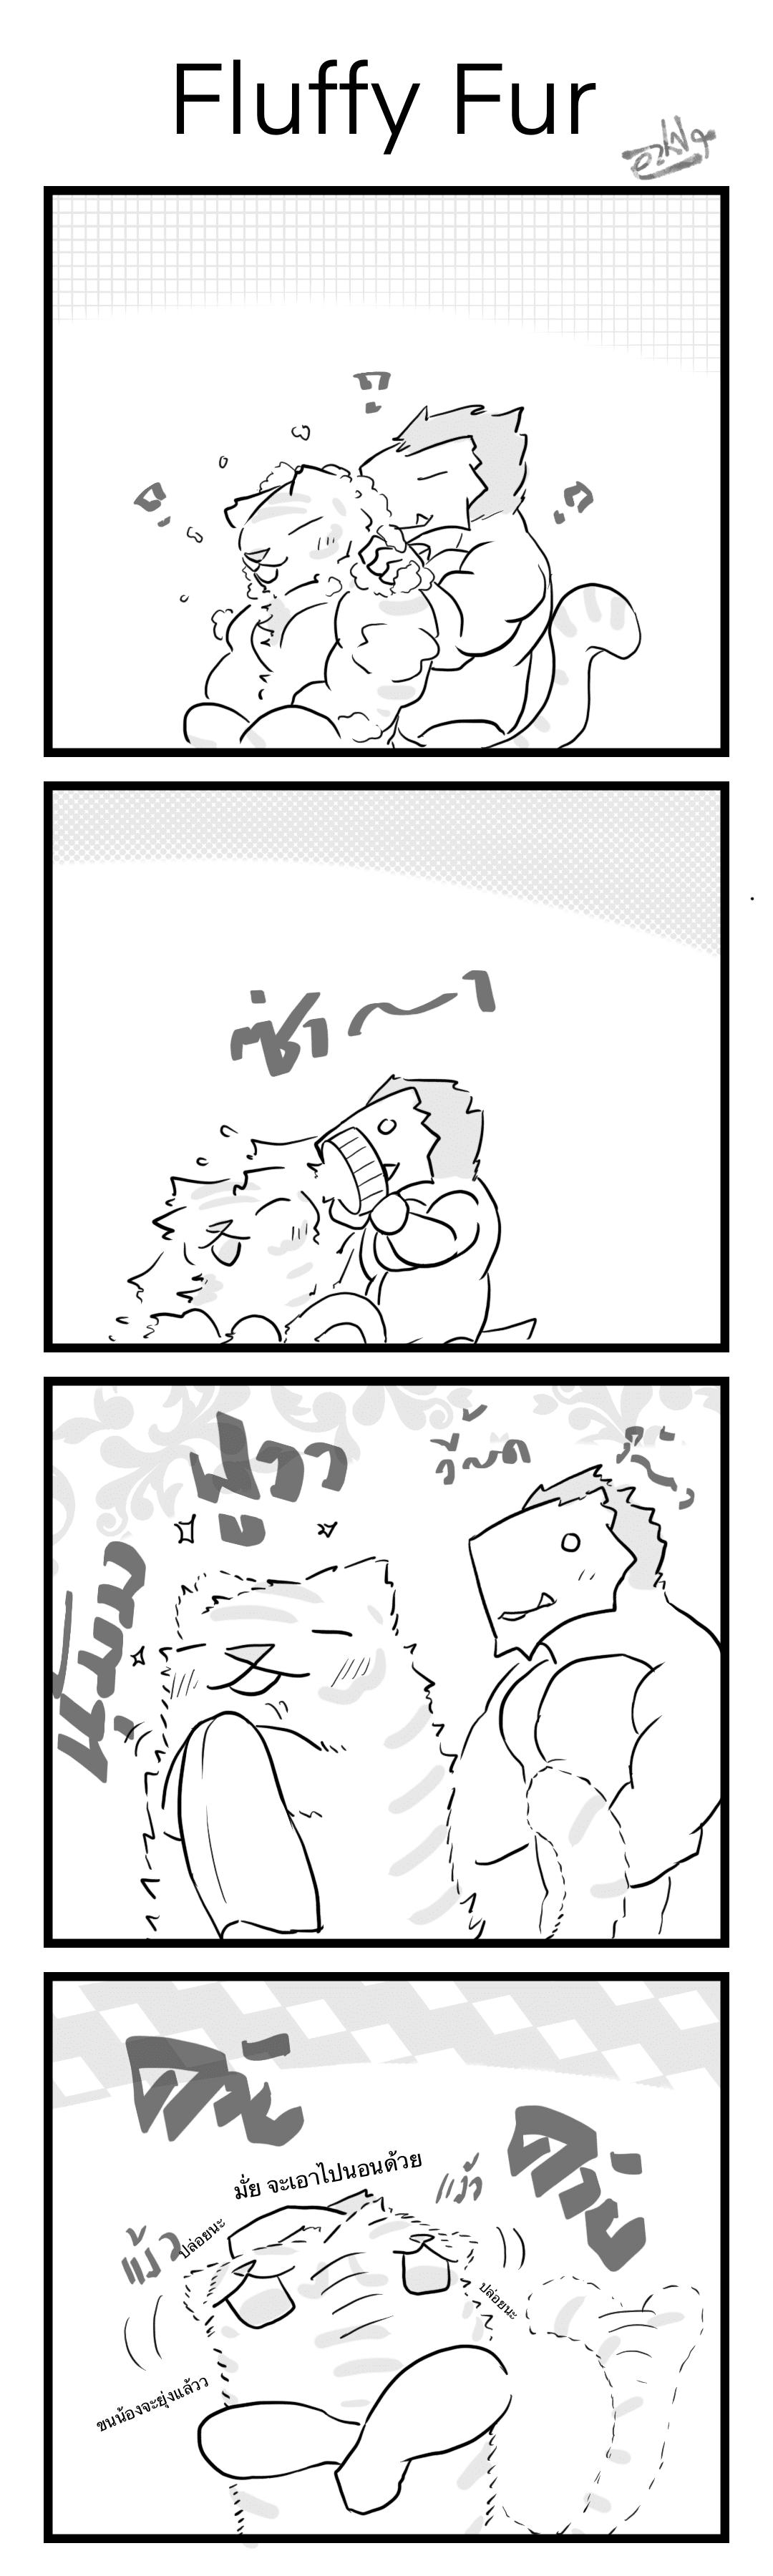 268 - Fluffy Fur